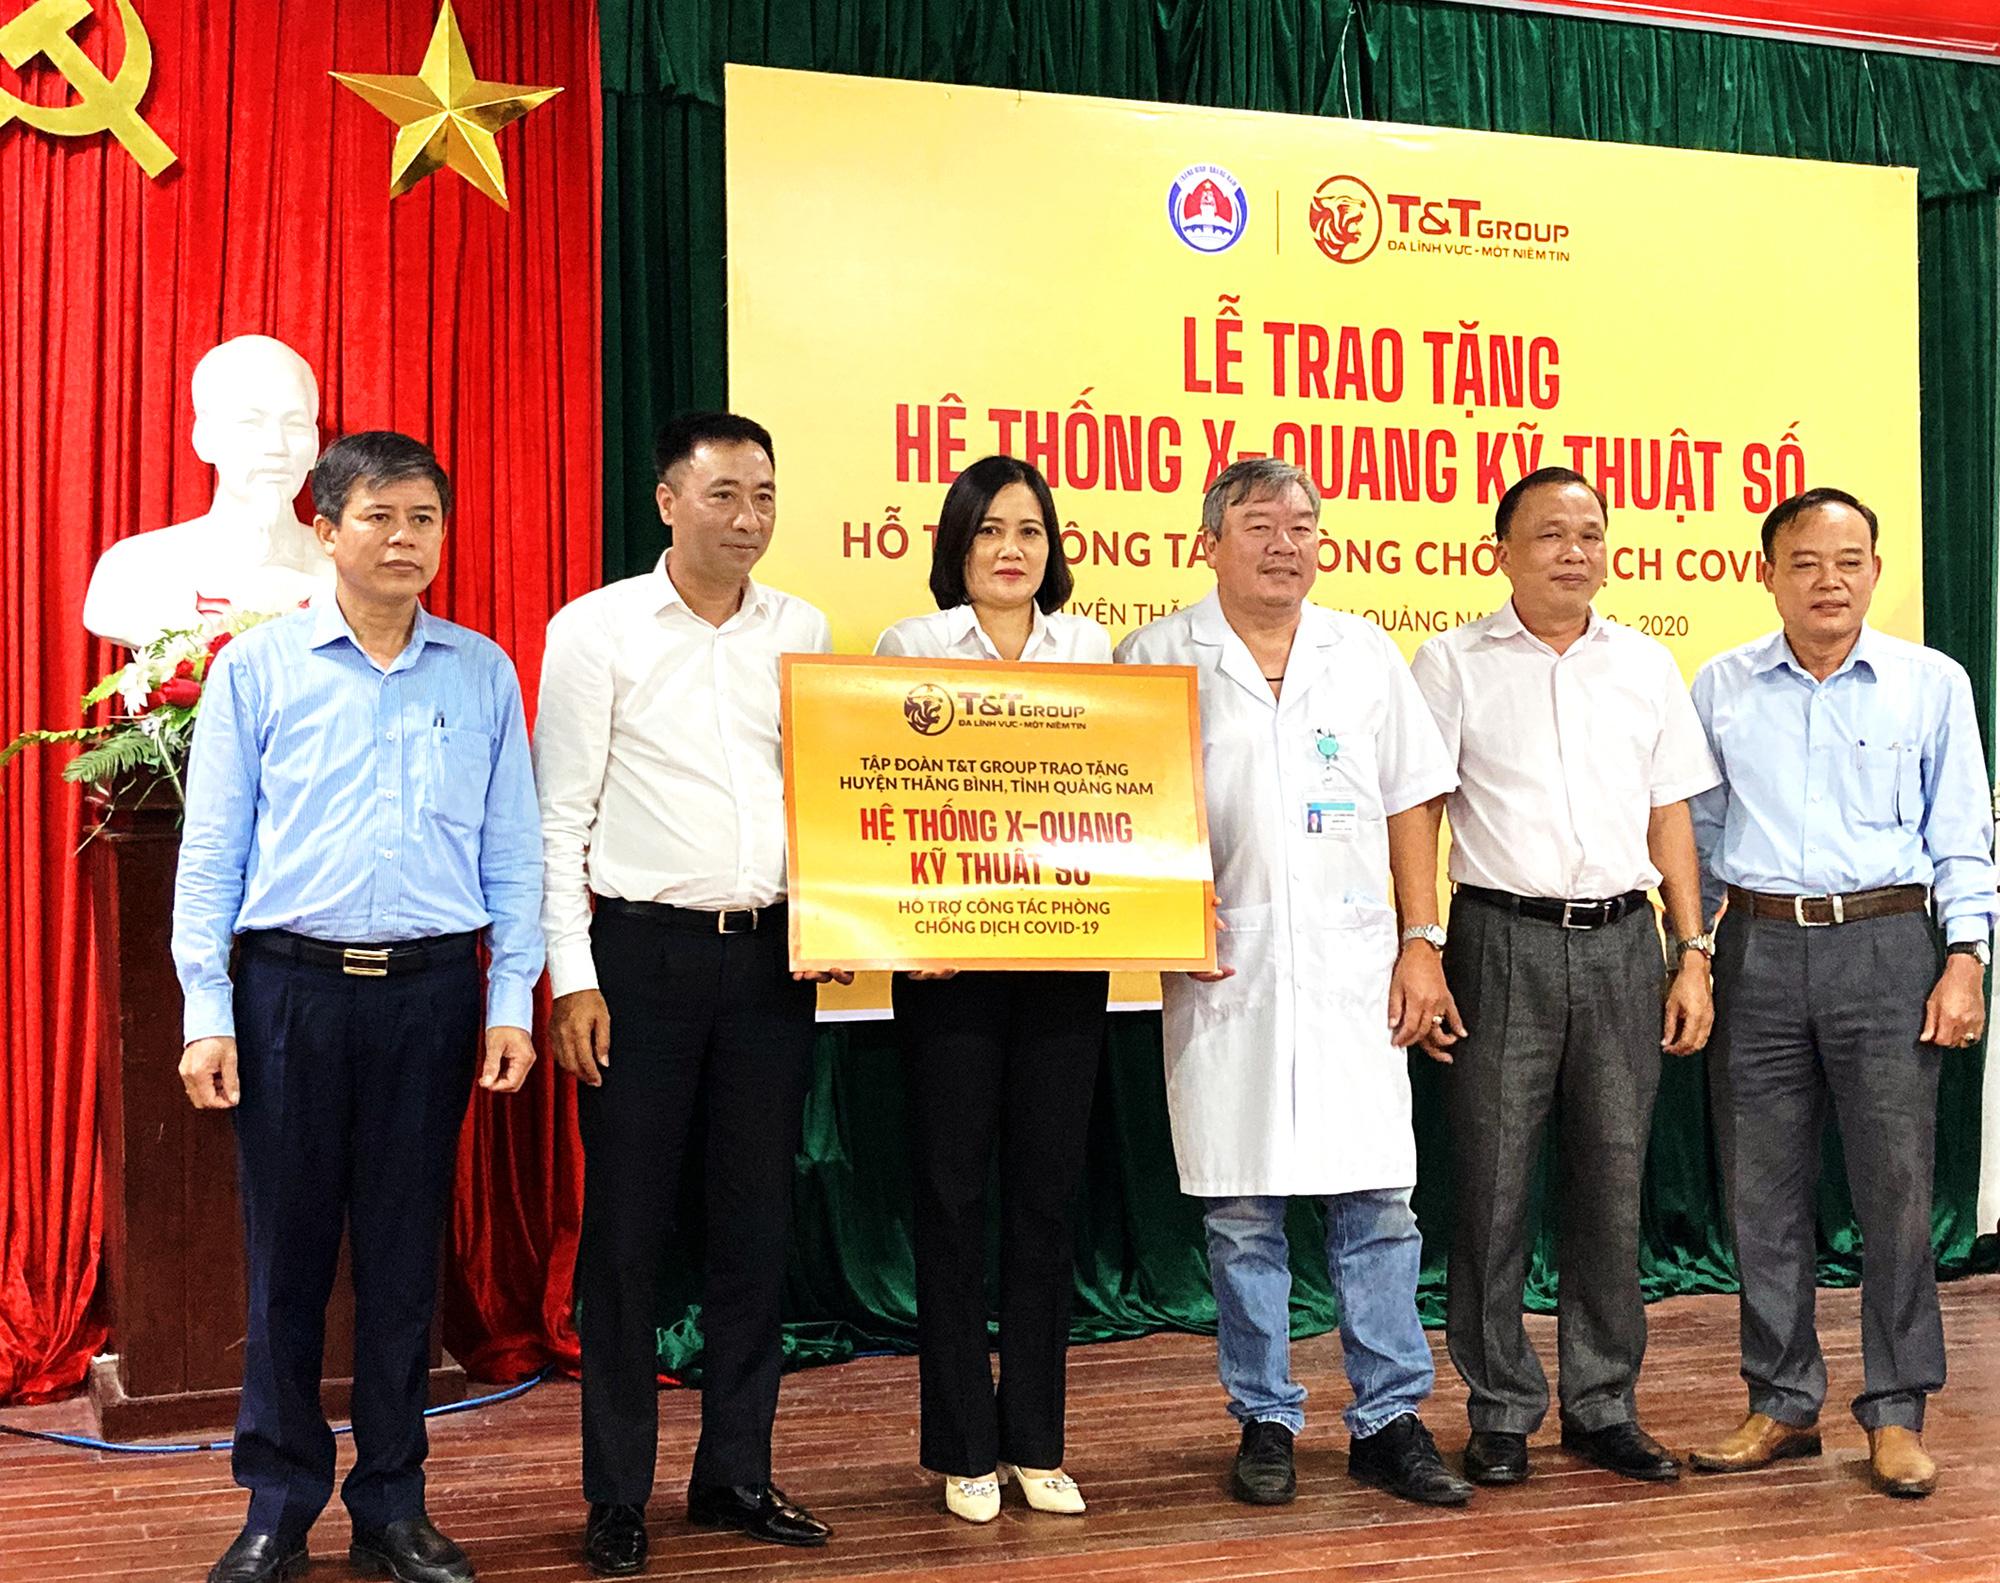 Tập đoàn T&T Group trao tặng hệ thống X-Quang kỹ thuật số hỗ trợ cho huyện Thăng Bình (tỉnh Quảng Nam) phòng chống dịch COVID-19 - Ảnh 1.